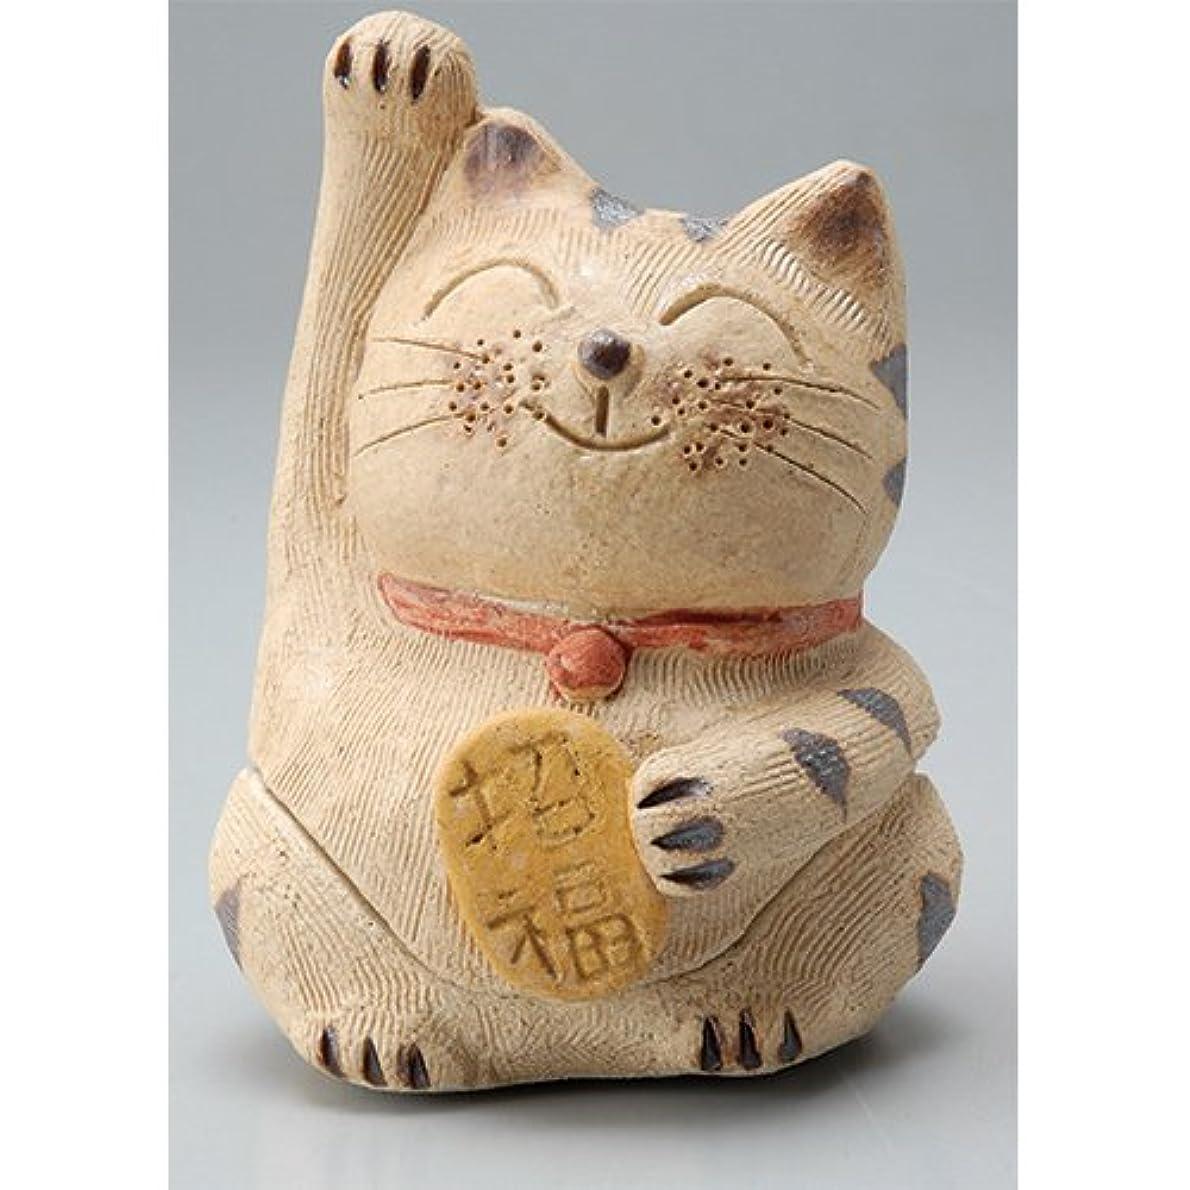 断言するとらえどころのない何もない香炉 微笑み招き猫(お金招き)香炉(小) [H8.5cm] HANDMADE プレゼント ギフト 和食器 かわいい インテリア